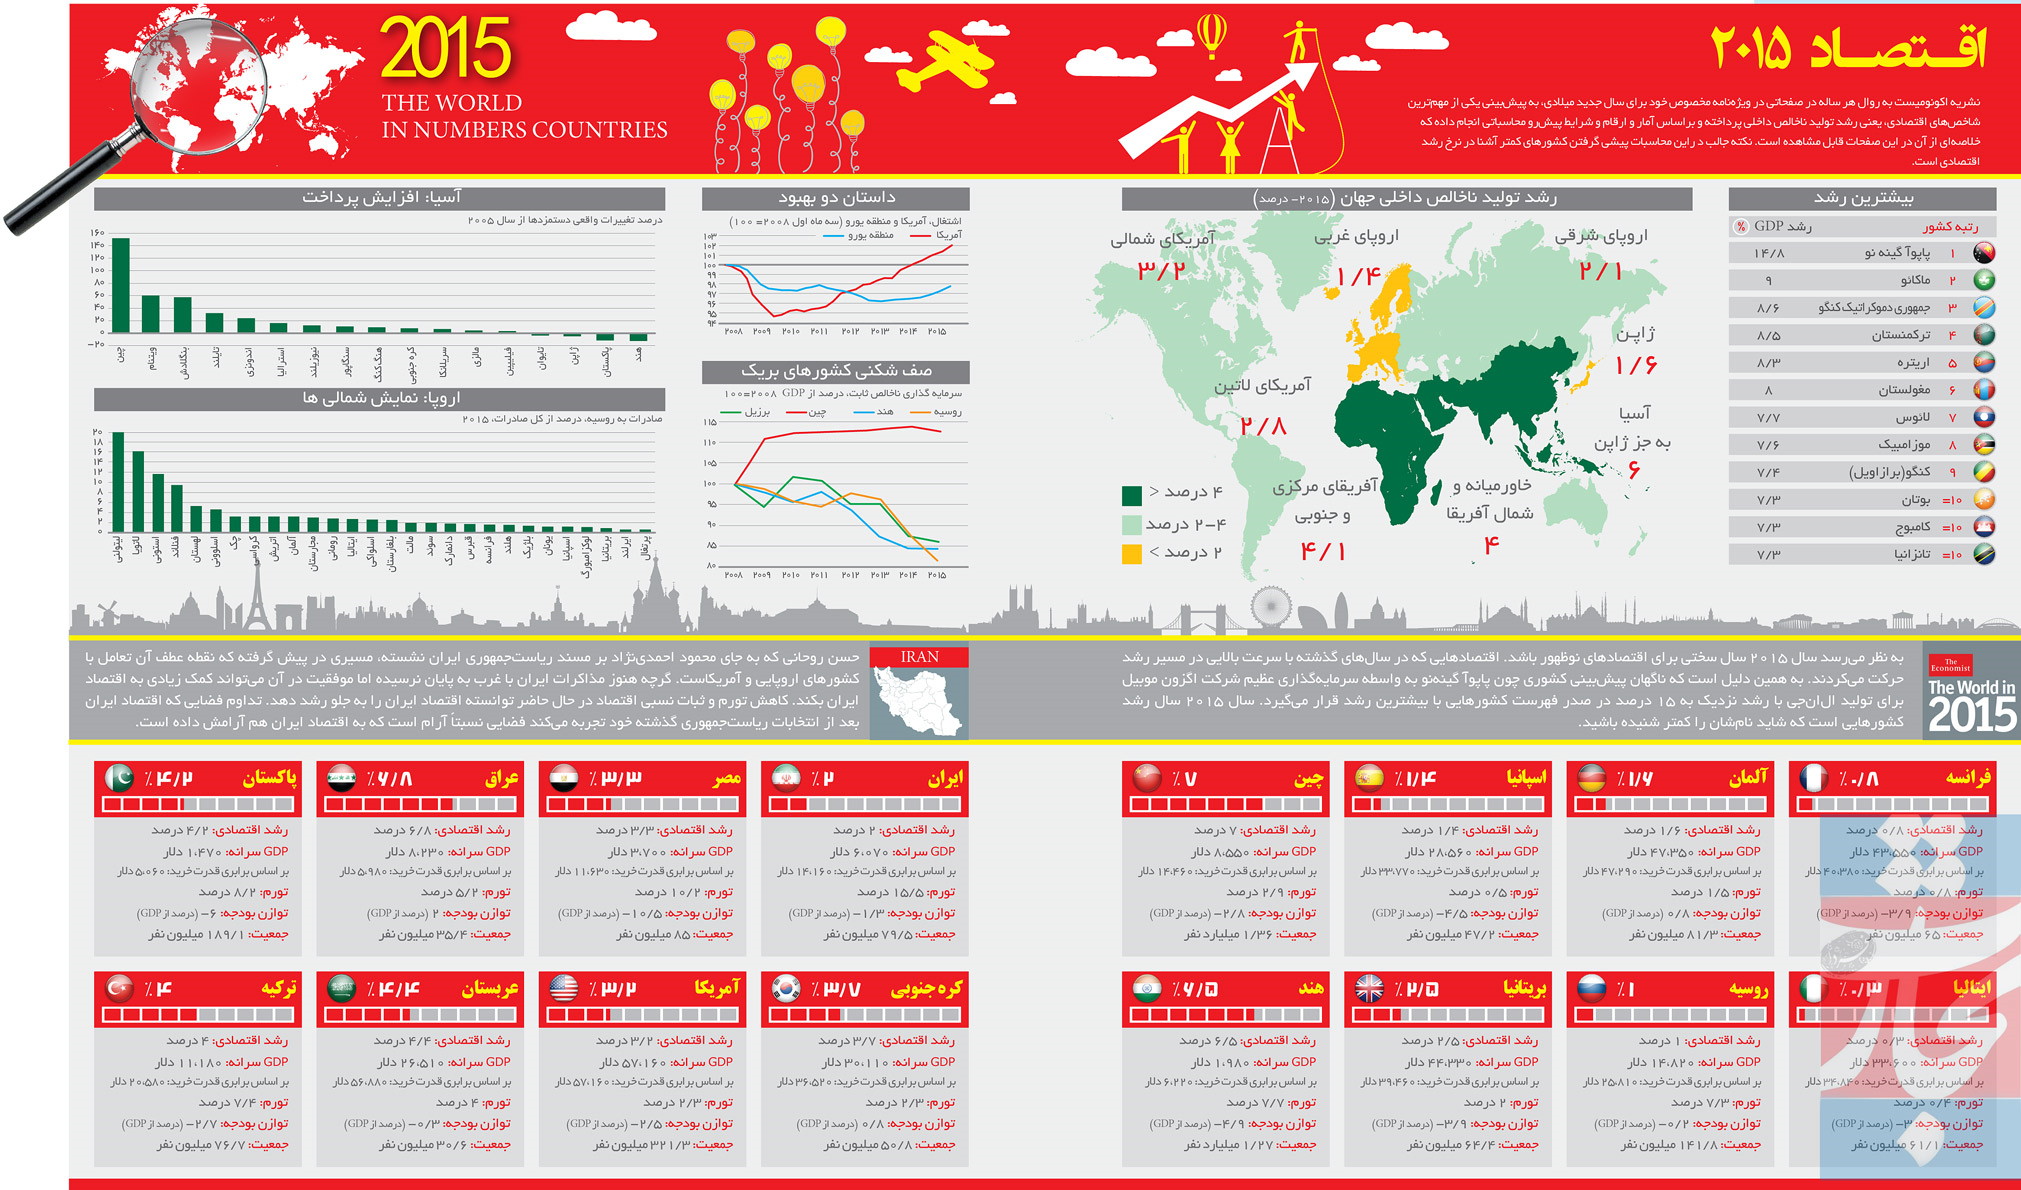 اقتصاد 2015